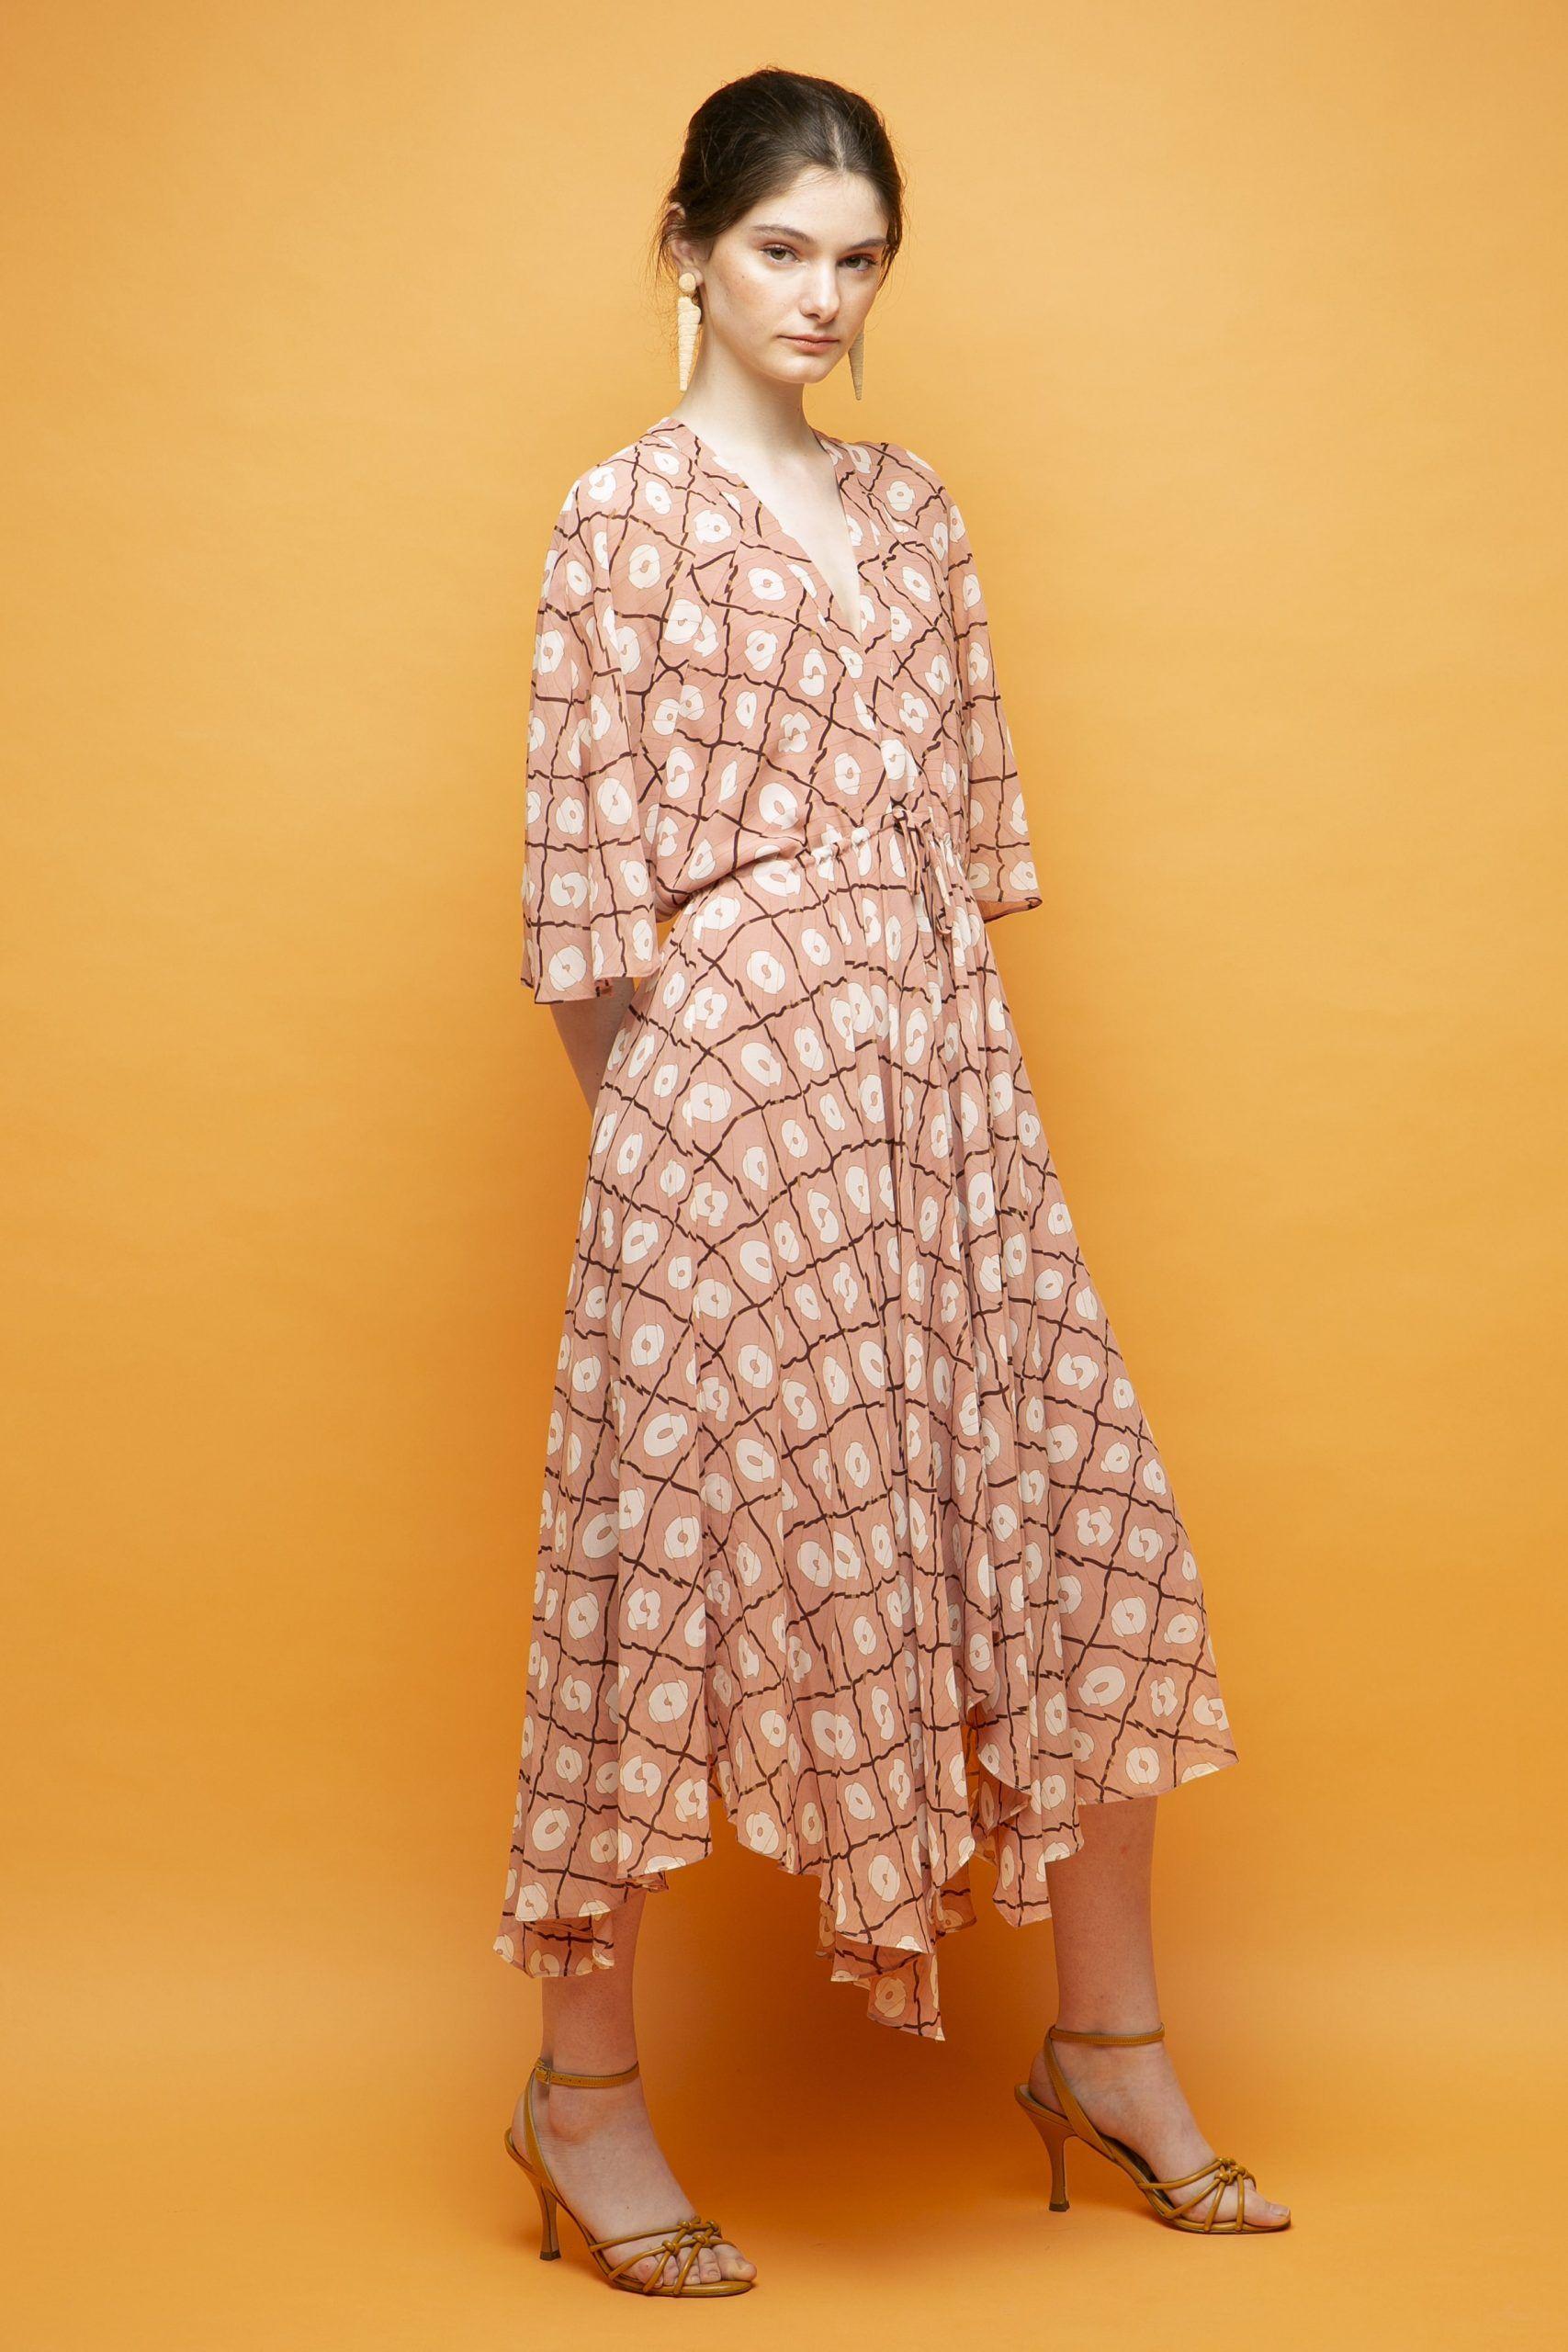 Alexis-Venla-vestido-3